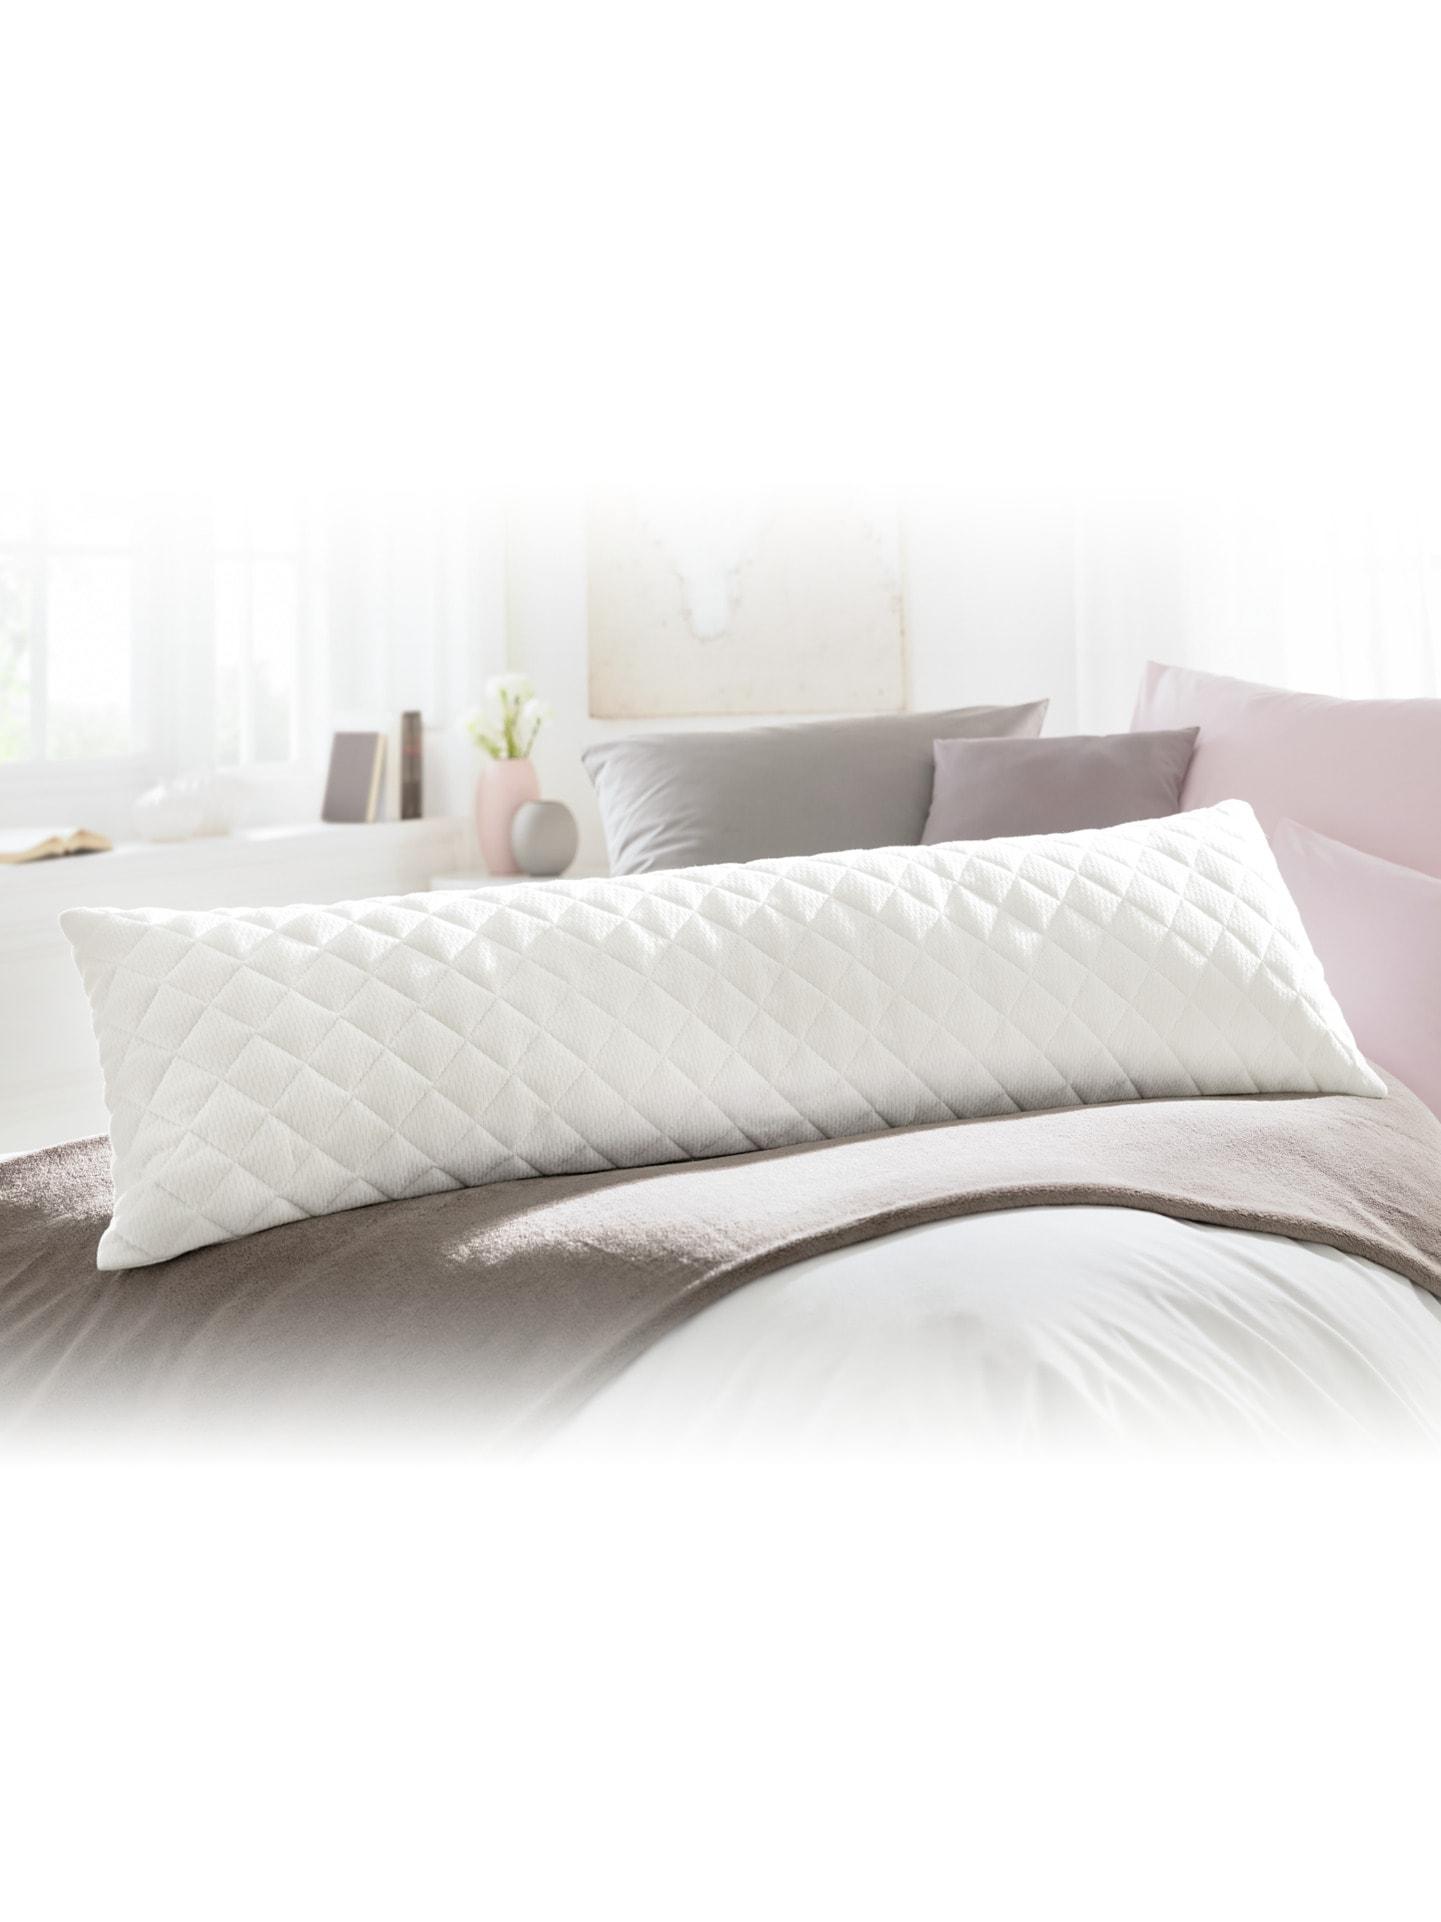 bettw sche mandalas avena gesundheitsprodukte. Black Bedroom Furniture Sets. Home Design Ideas